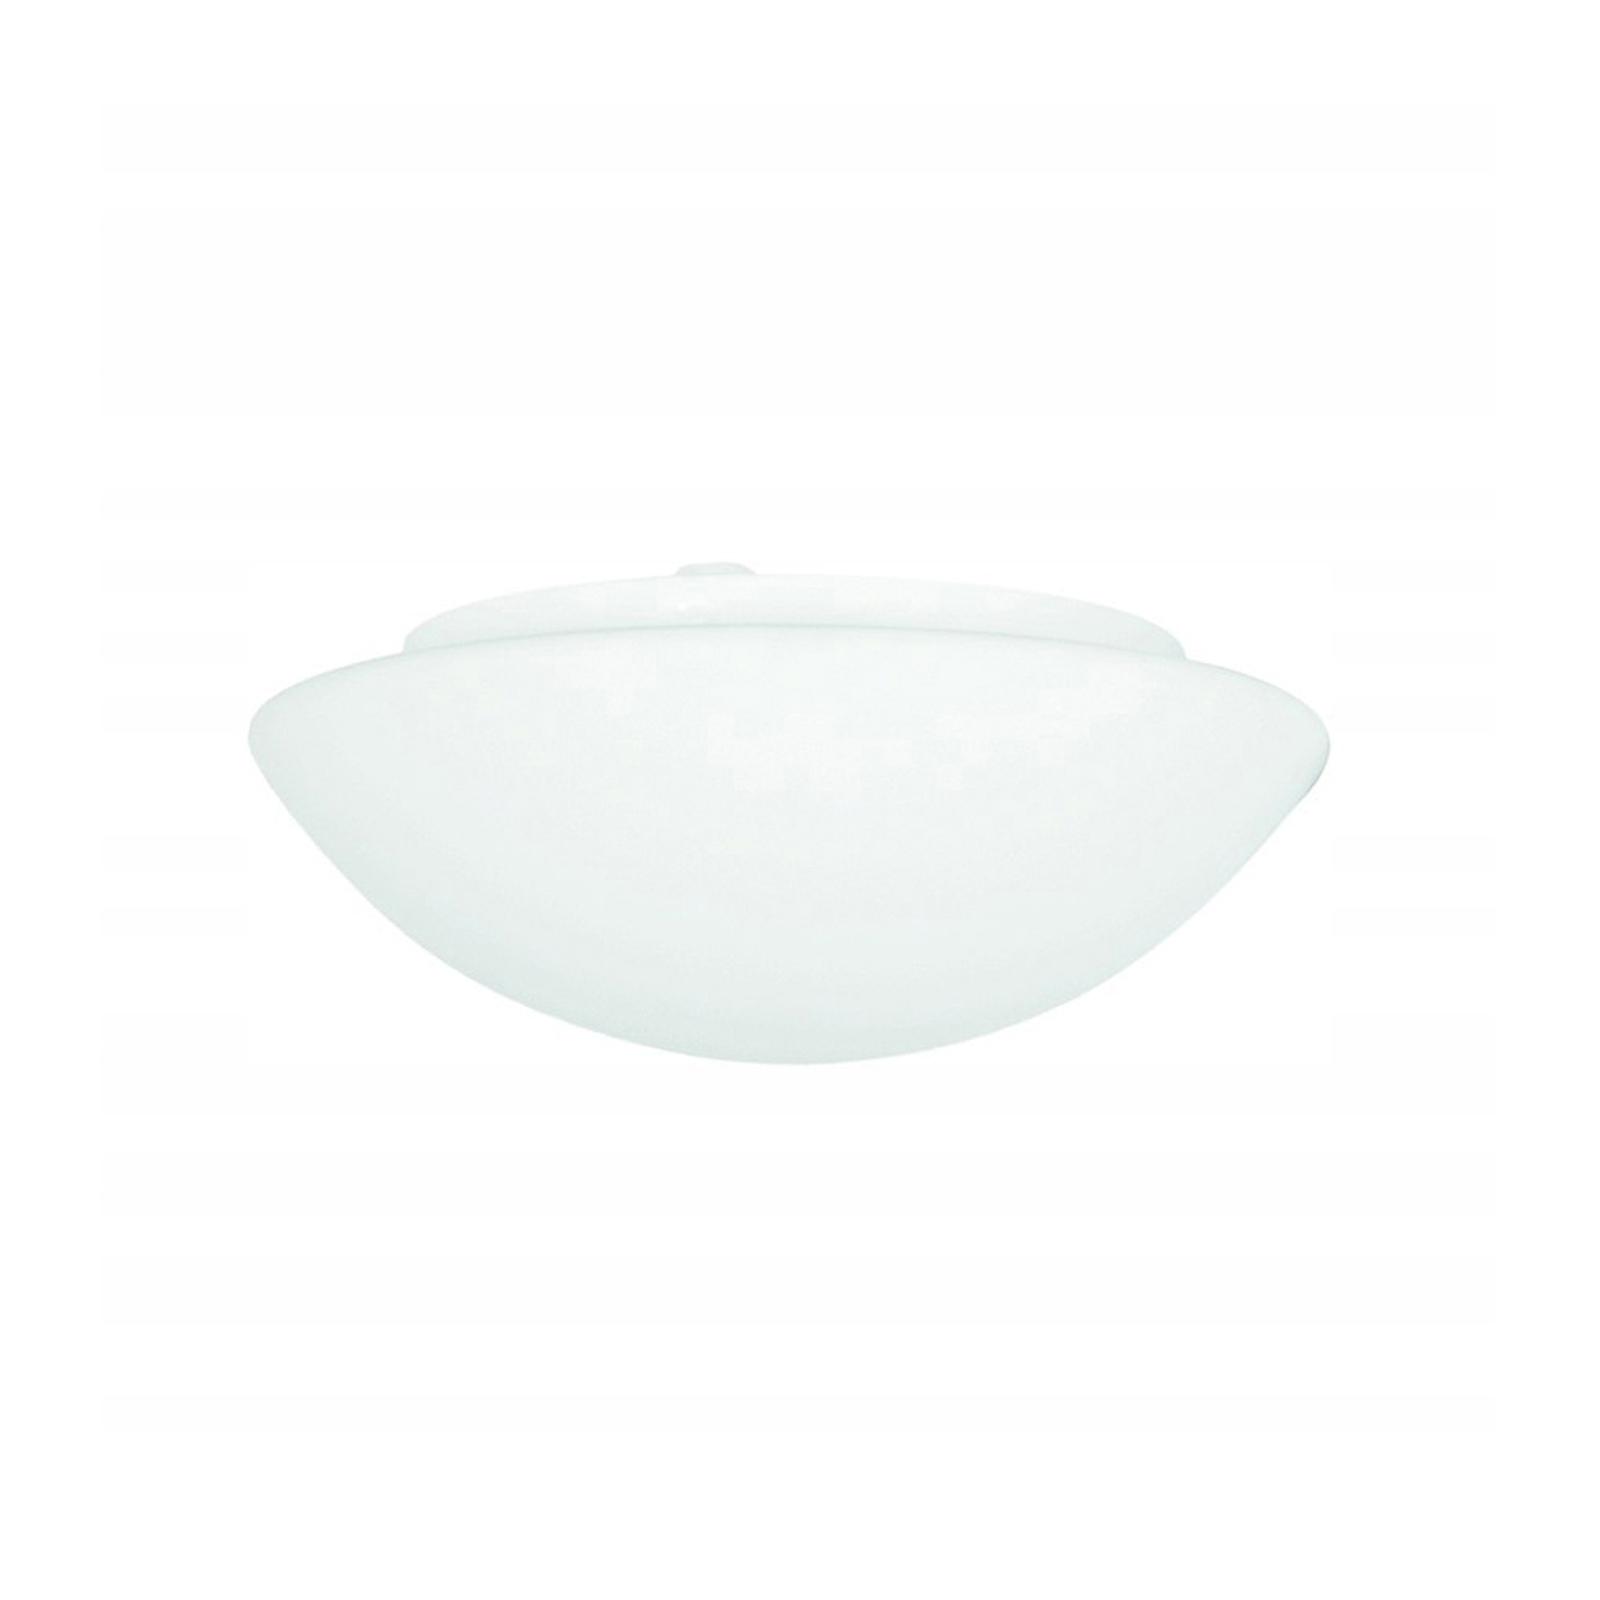 Twister loftlampe til badeværelse Ø 30 cm 1 x 60 W